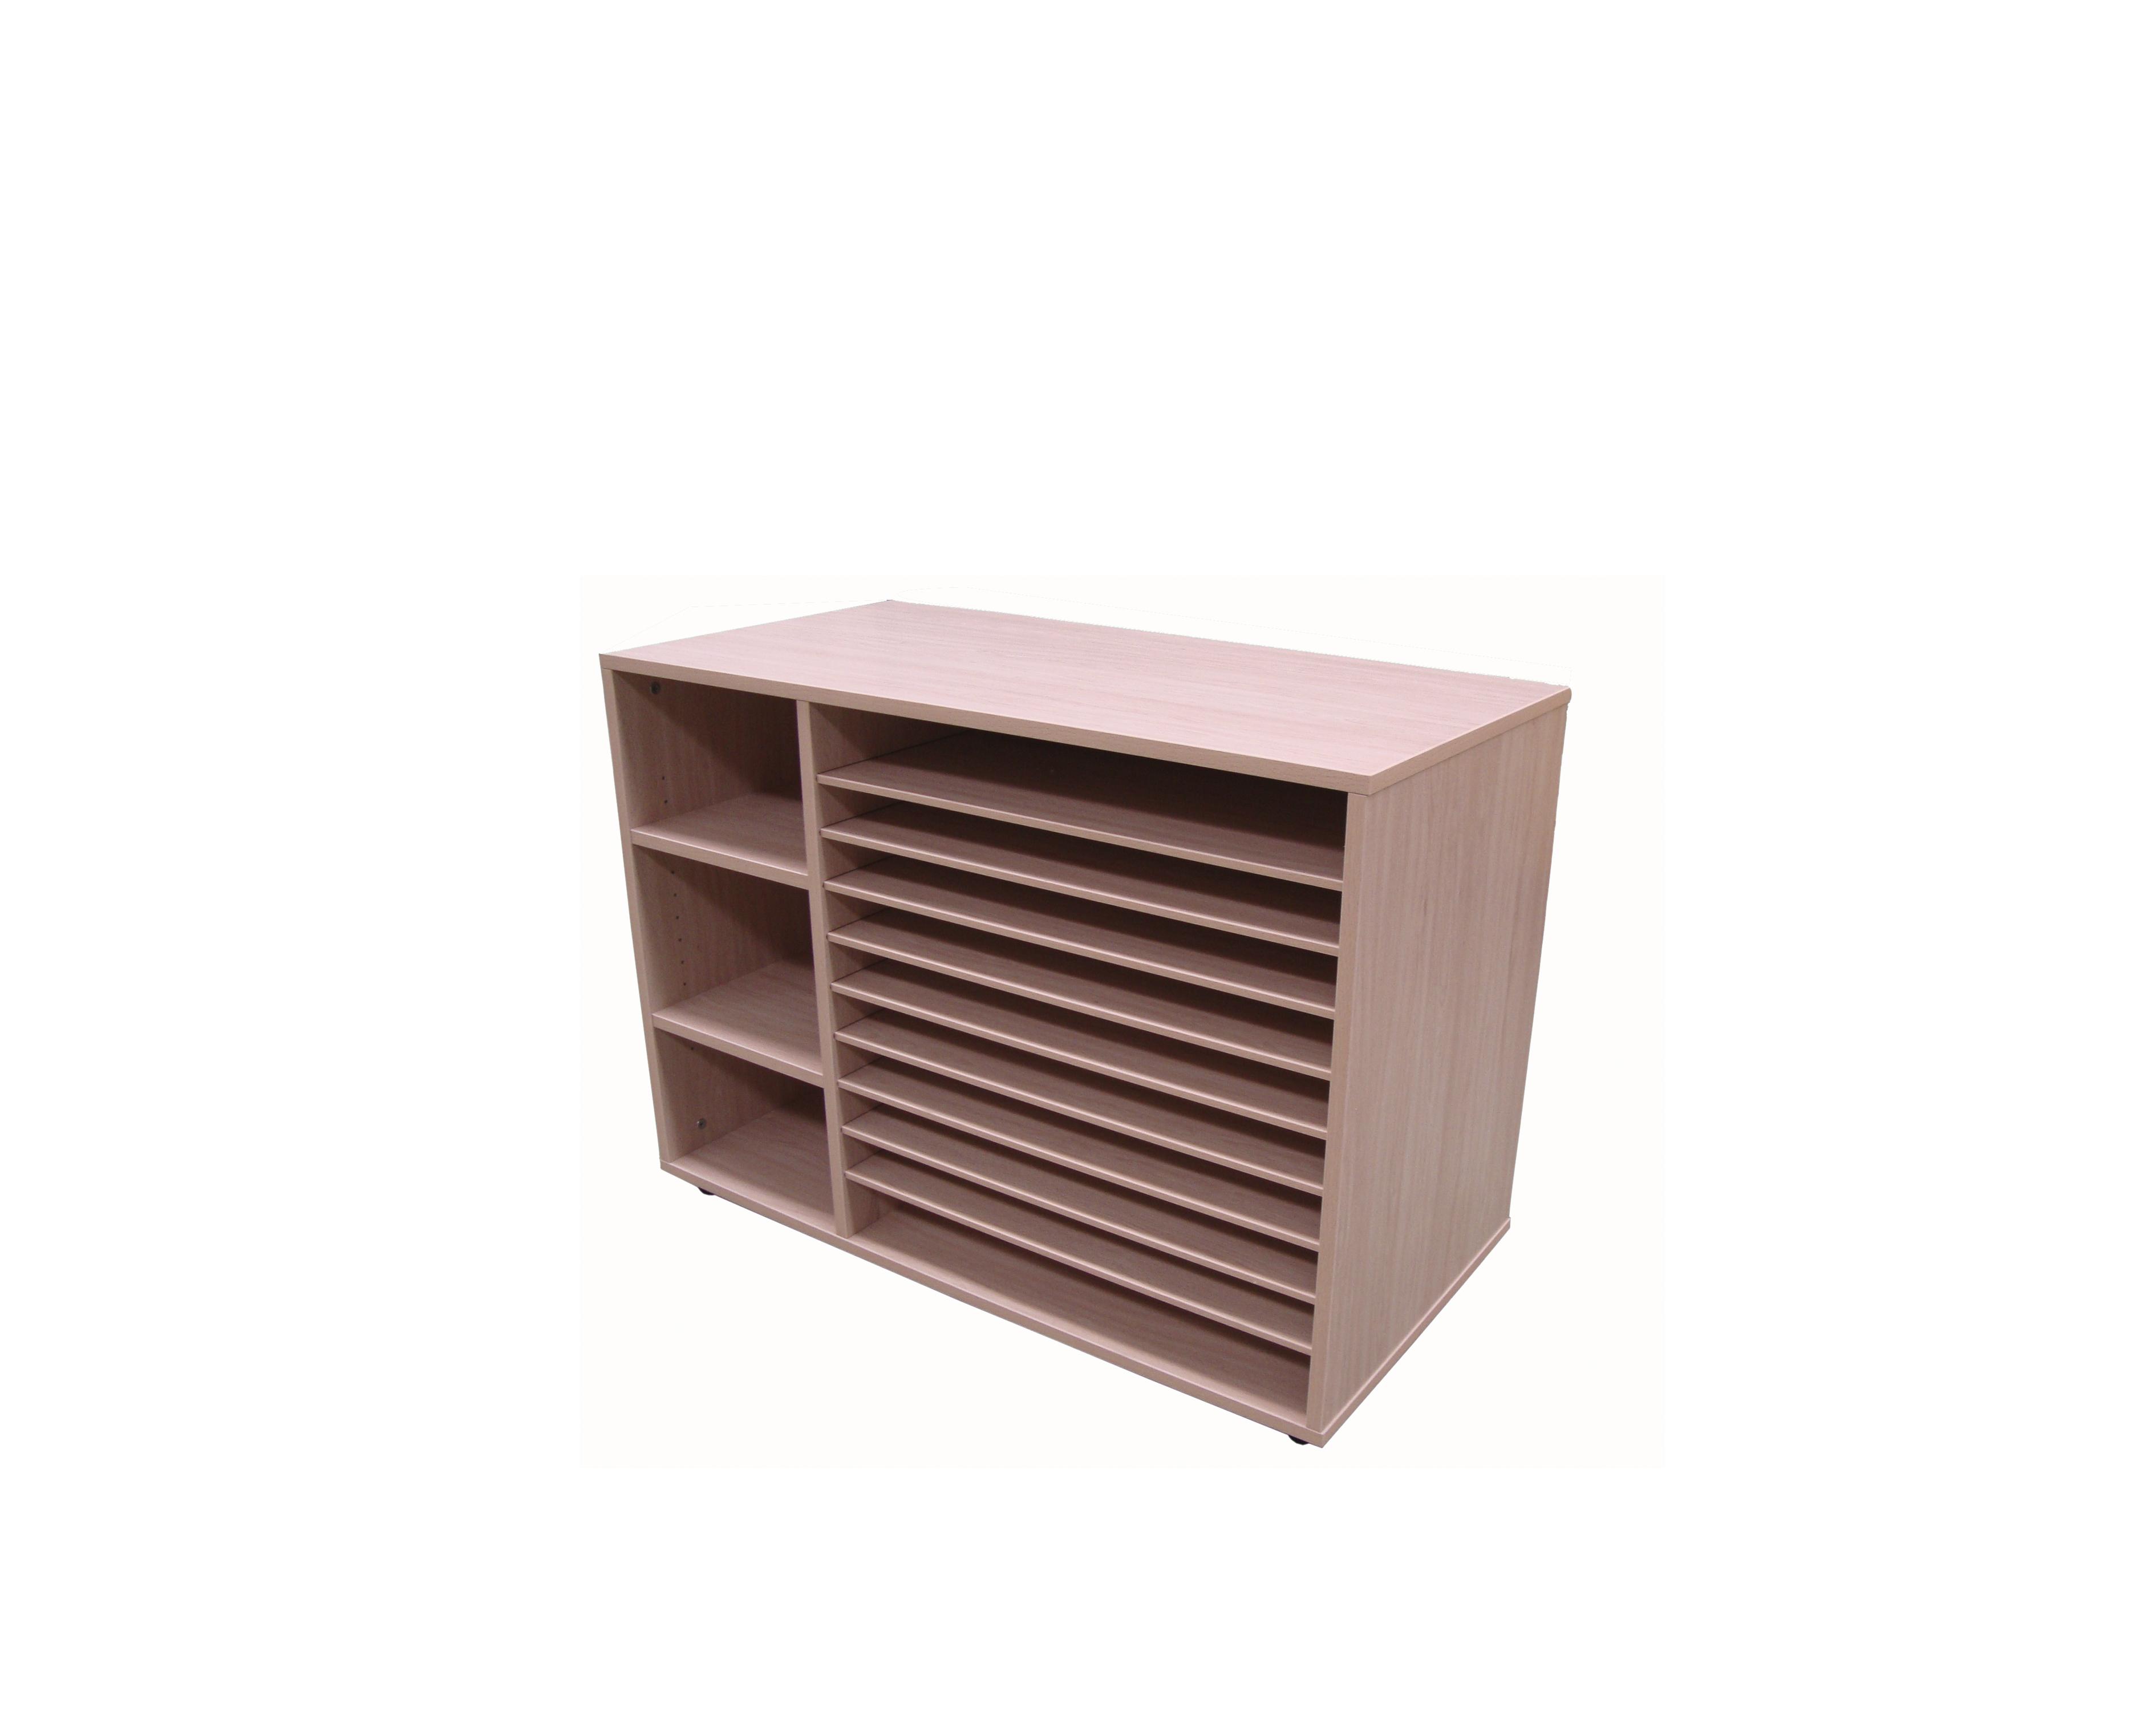 602213 mueble estanter a y cartulinero bajo mobeduc for Mueble bajo mb9 05